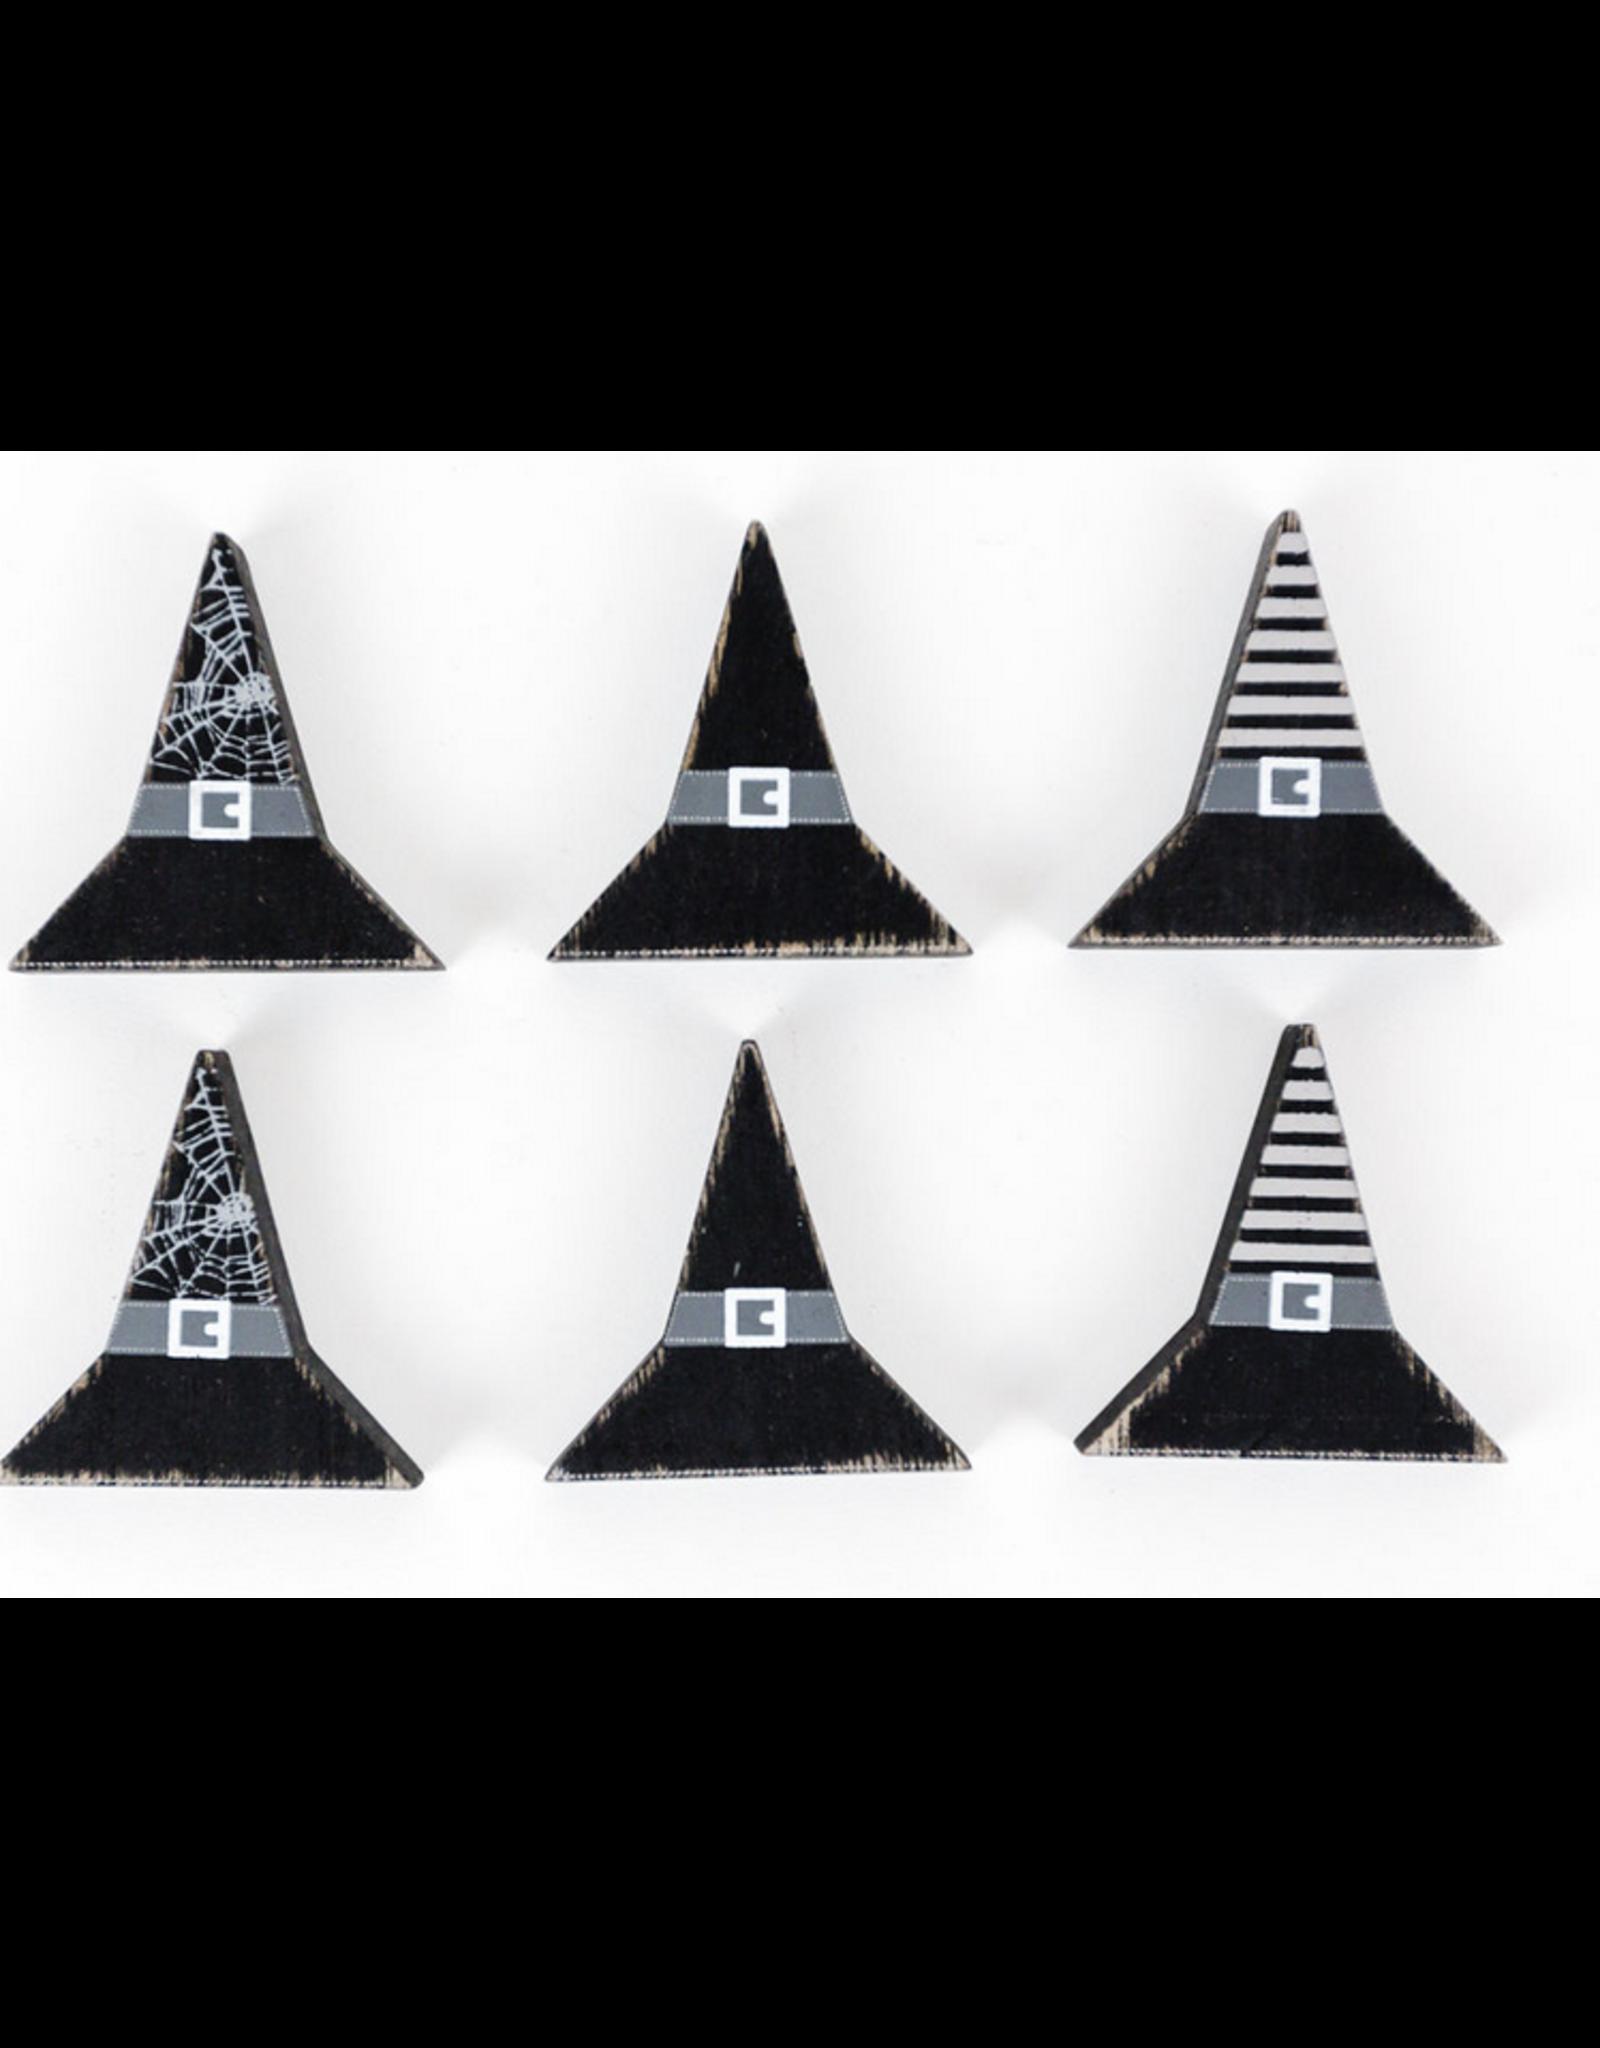 Adams & Co. Halloween Tiles